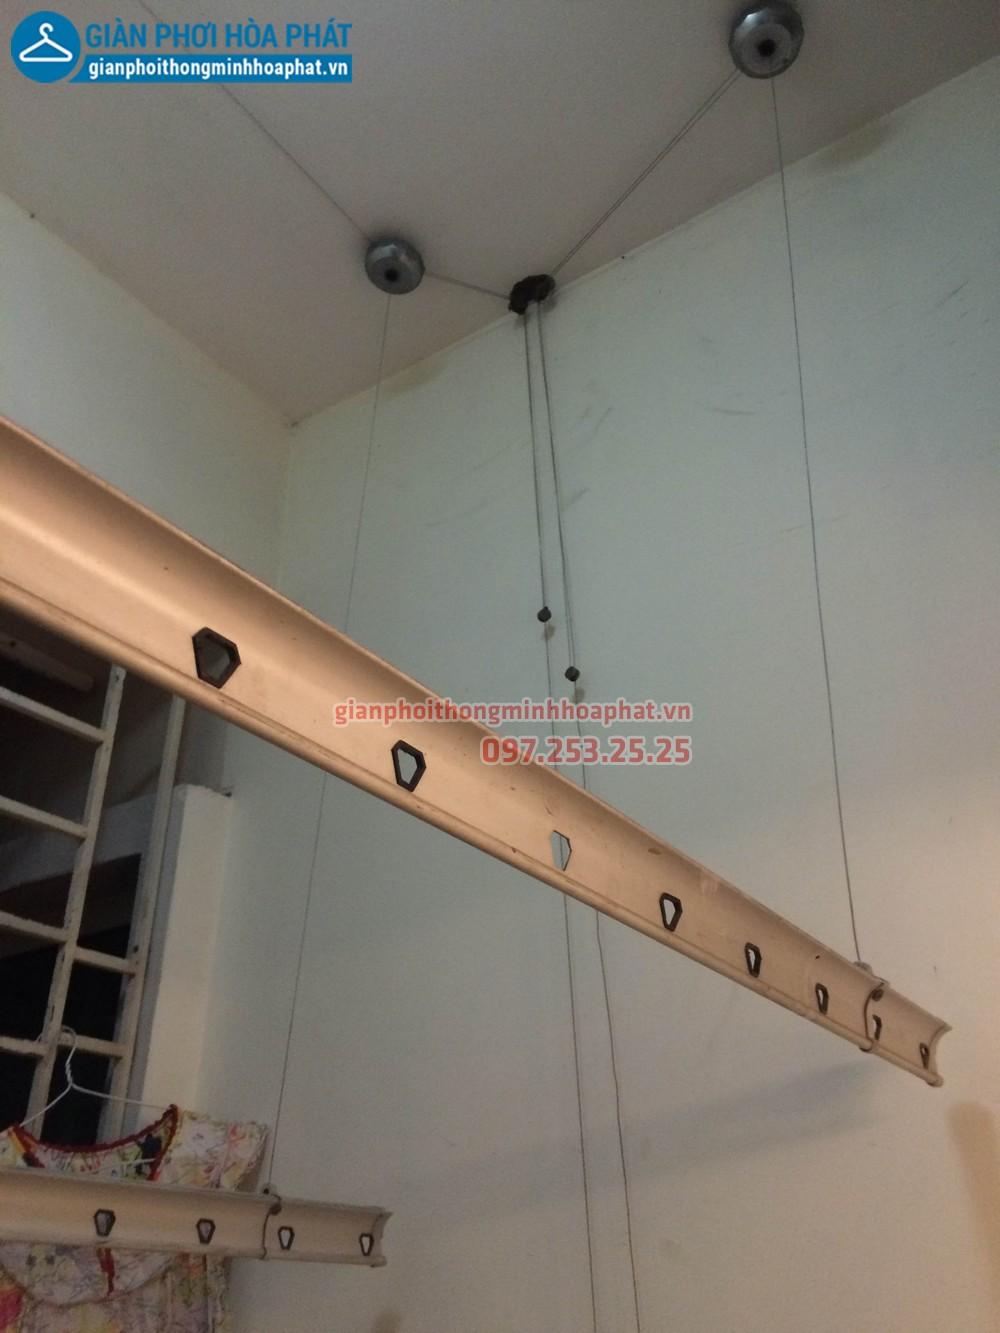 Sửa giàn phơi thông minh nhà chị Nhung P503 CT3 đơn nguyên 1 kđt Trung Văn 03